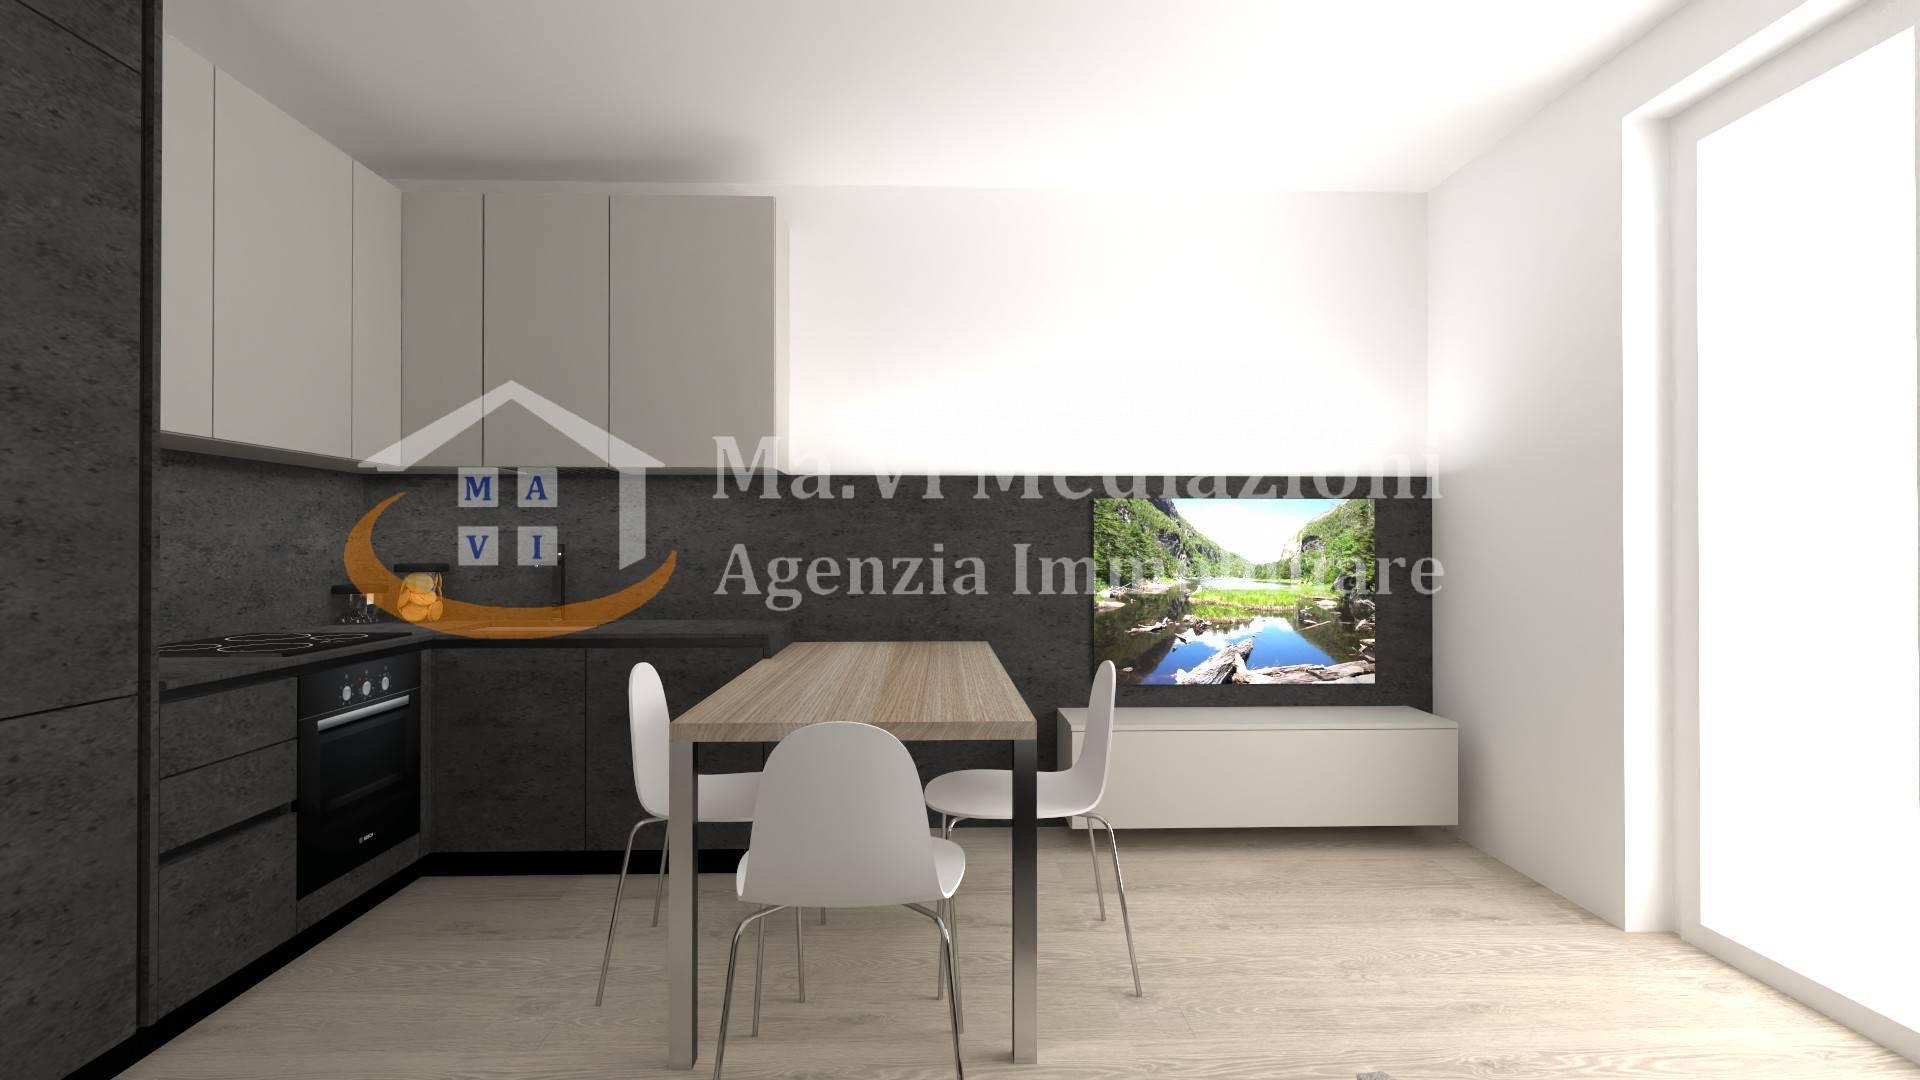 Appartamento in vendita a Nago-Torbole, 3 locali, zona Zona: Nago, prezzo € 159.000 | CambioCasa.it